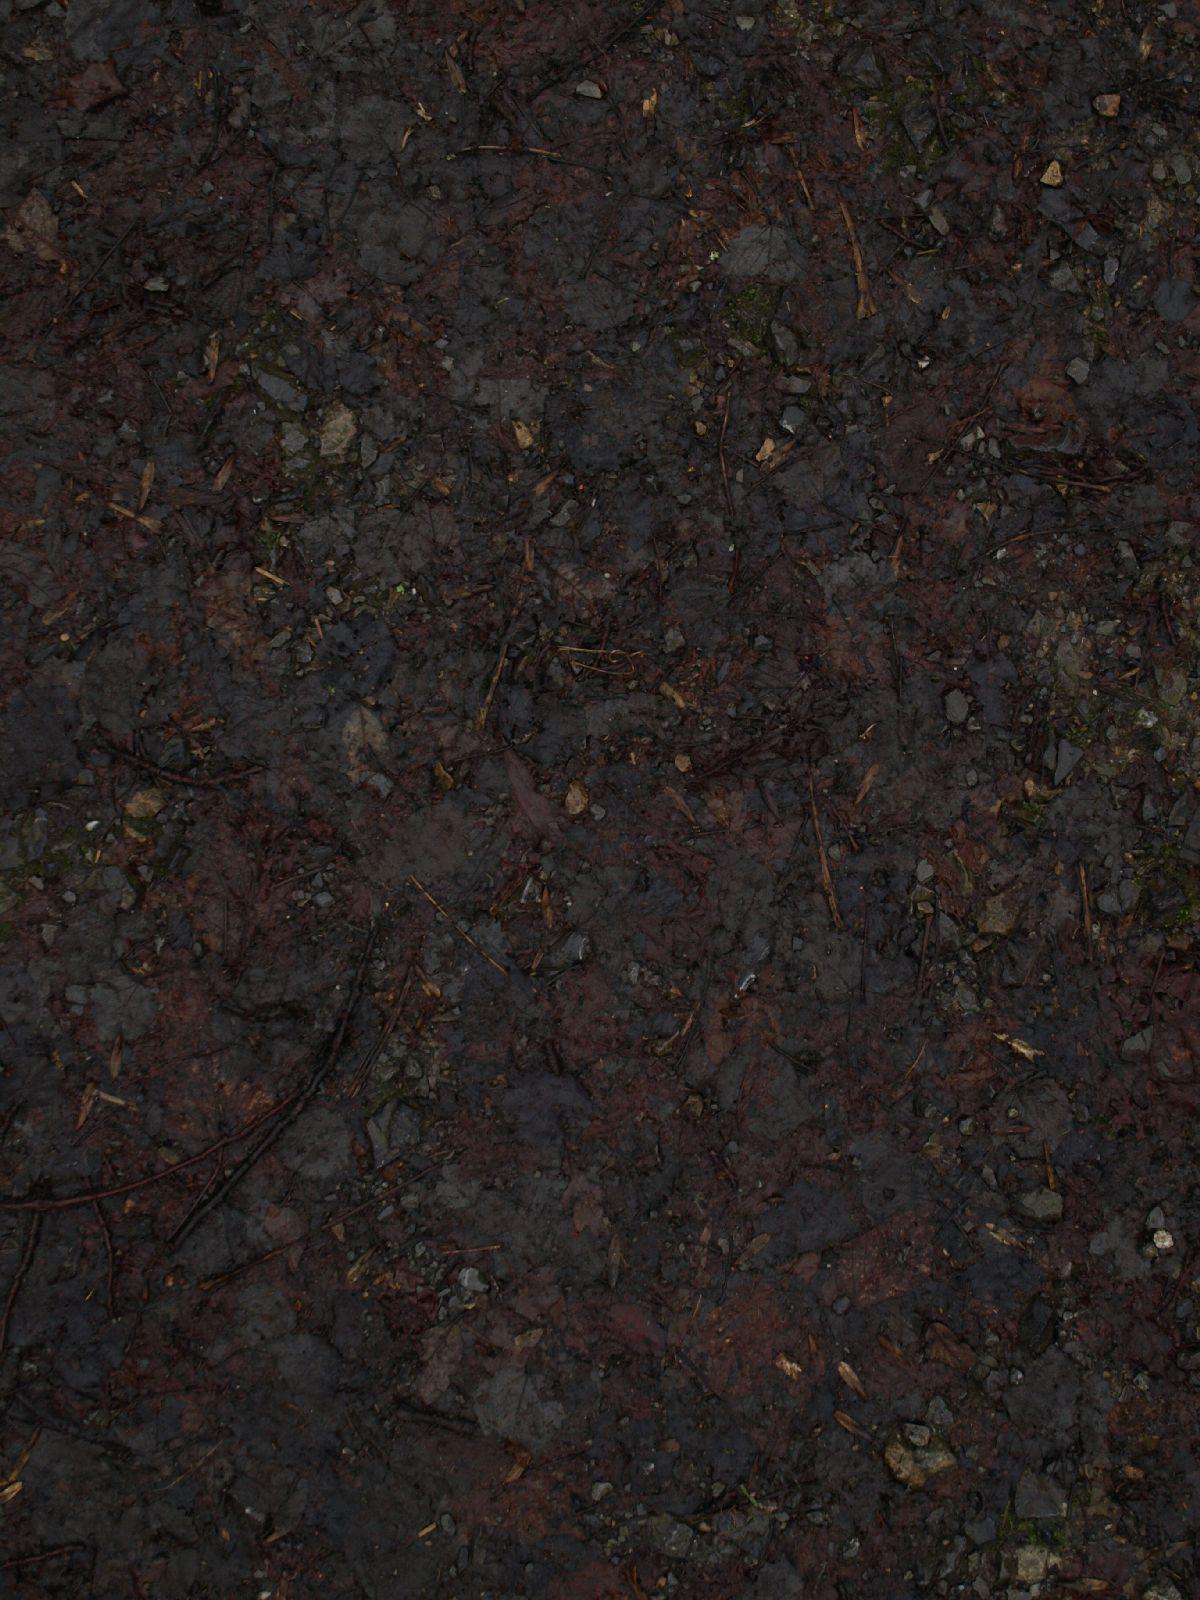 Boden-Erde-Steine_Textur_A_PC217922